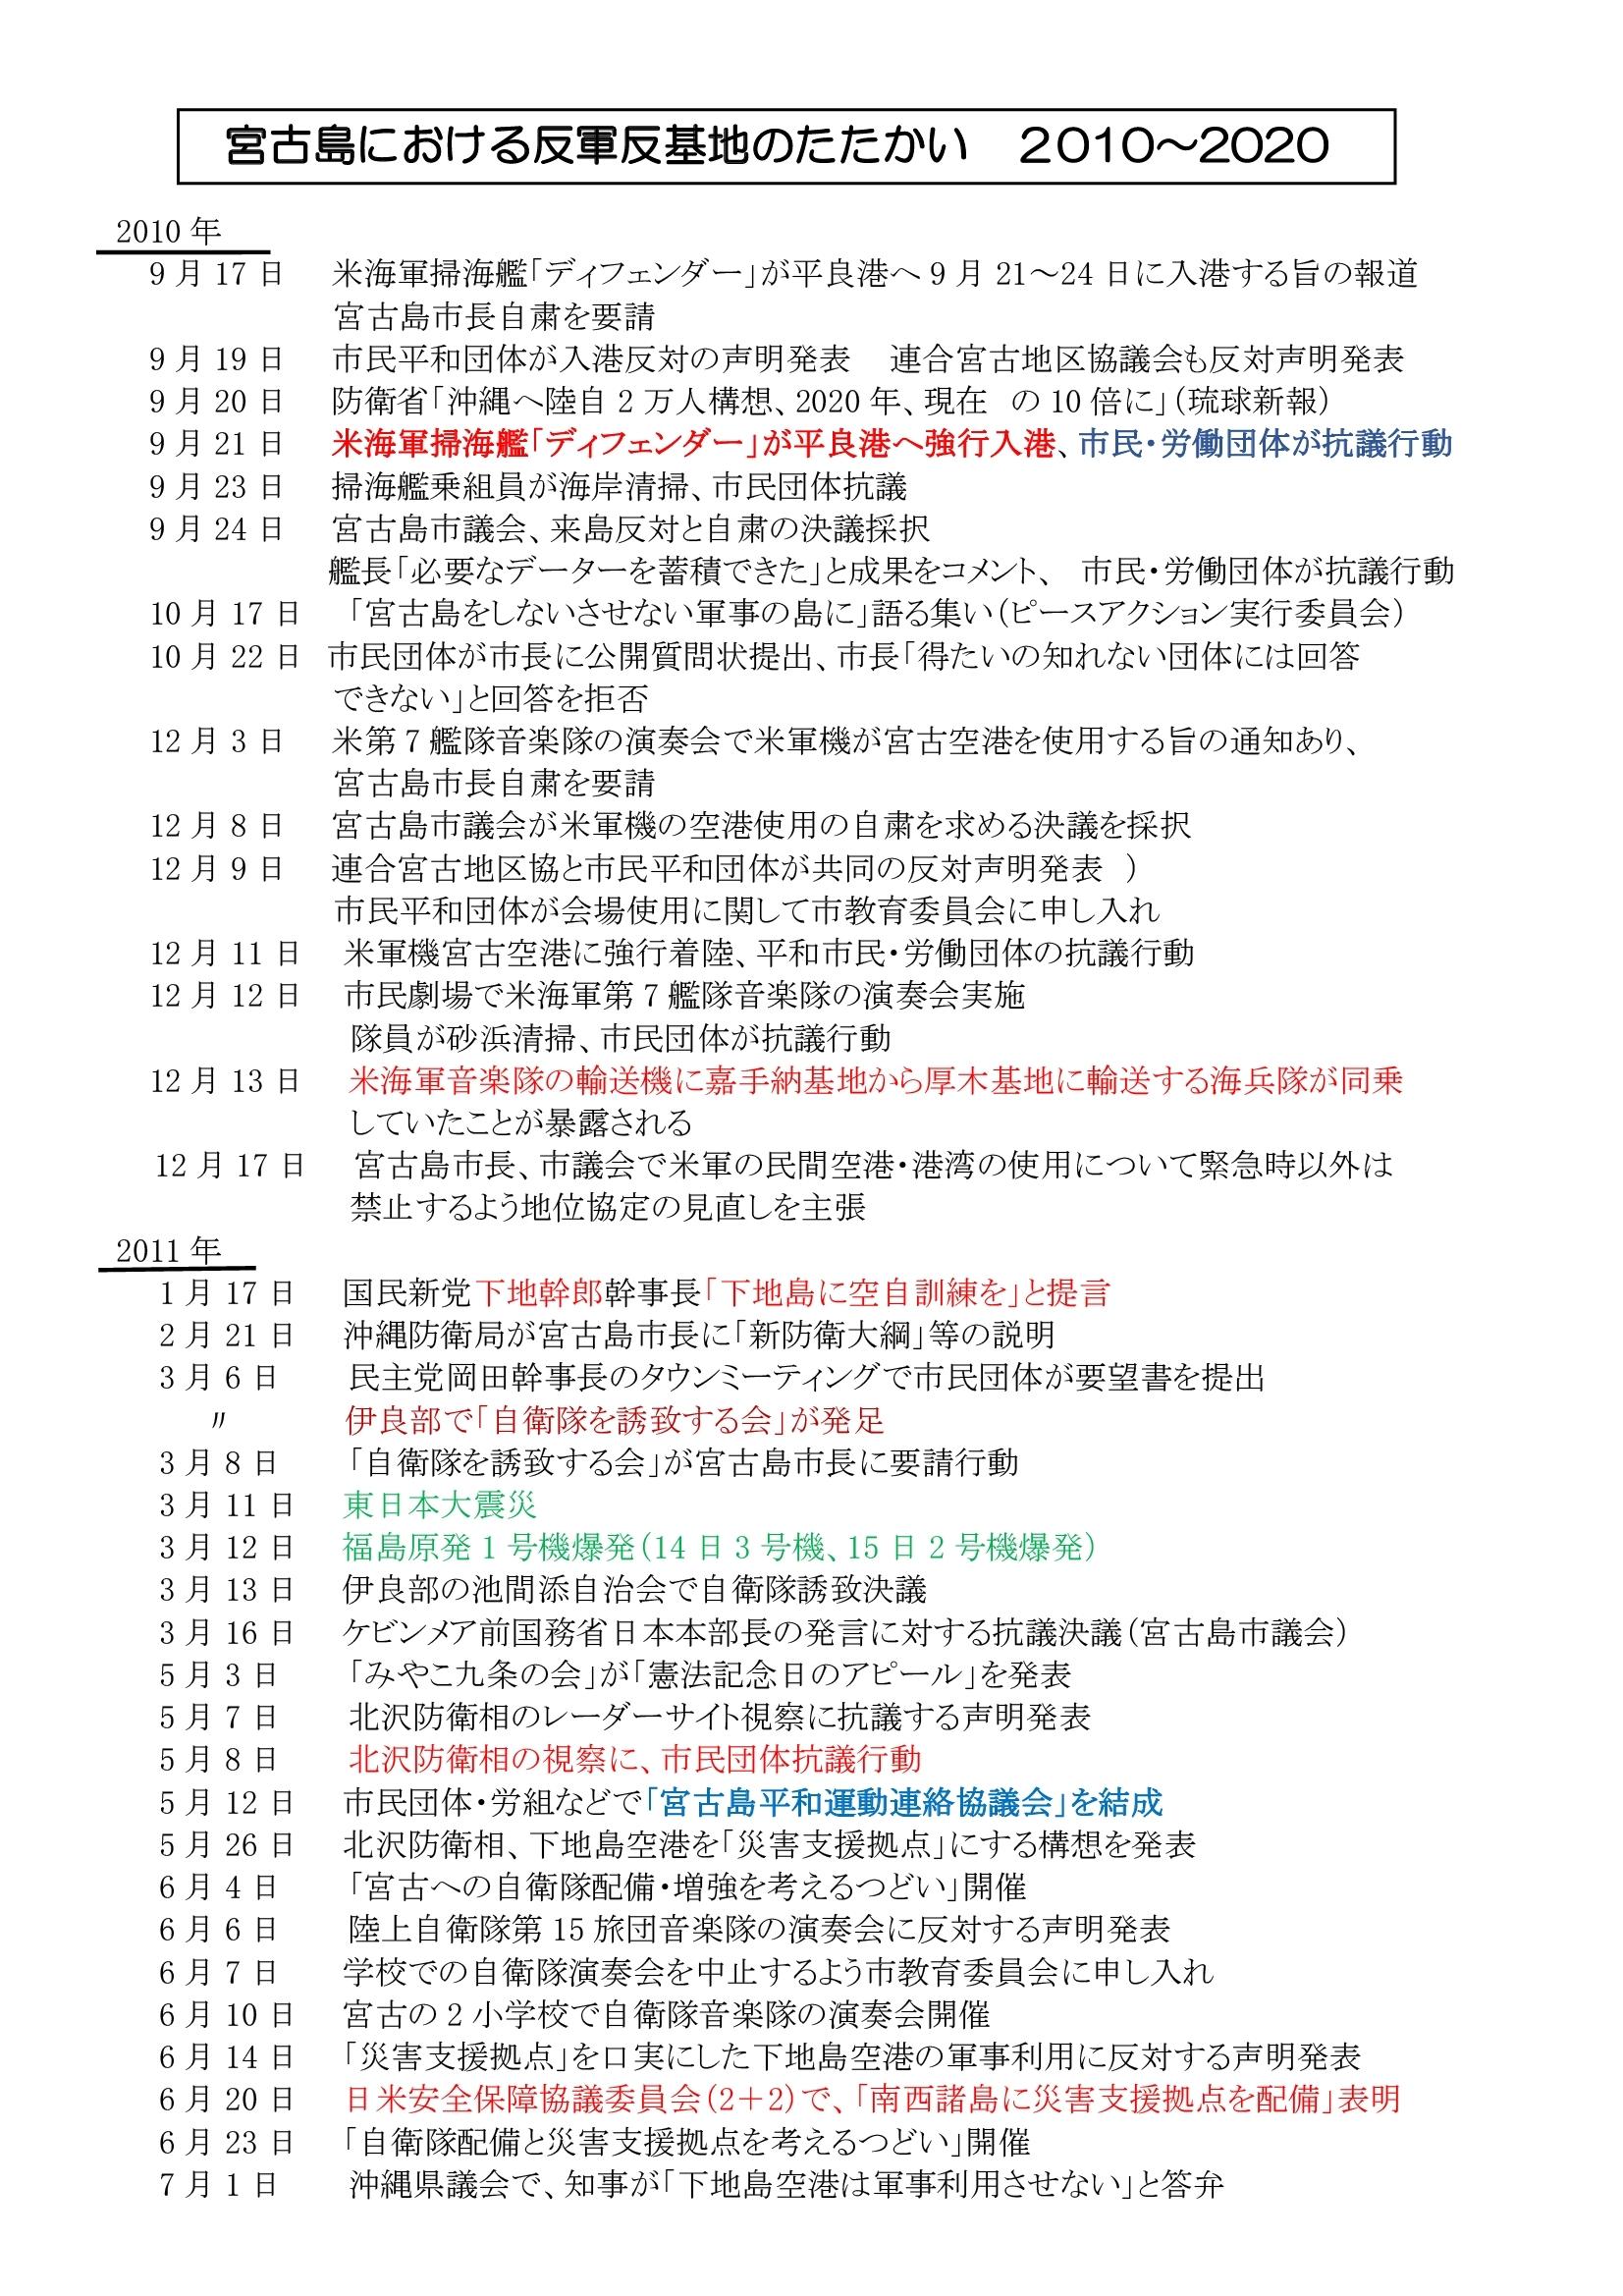 年表:宮古島における反軍反基地の闘い2010~2020 01